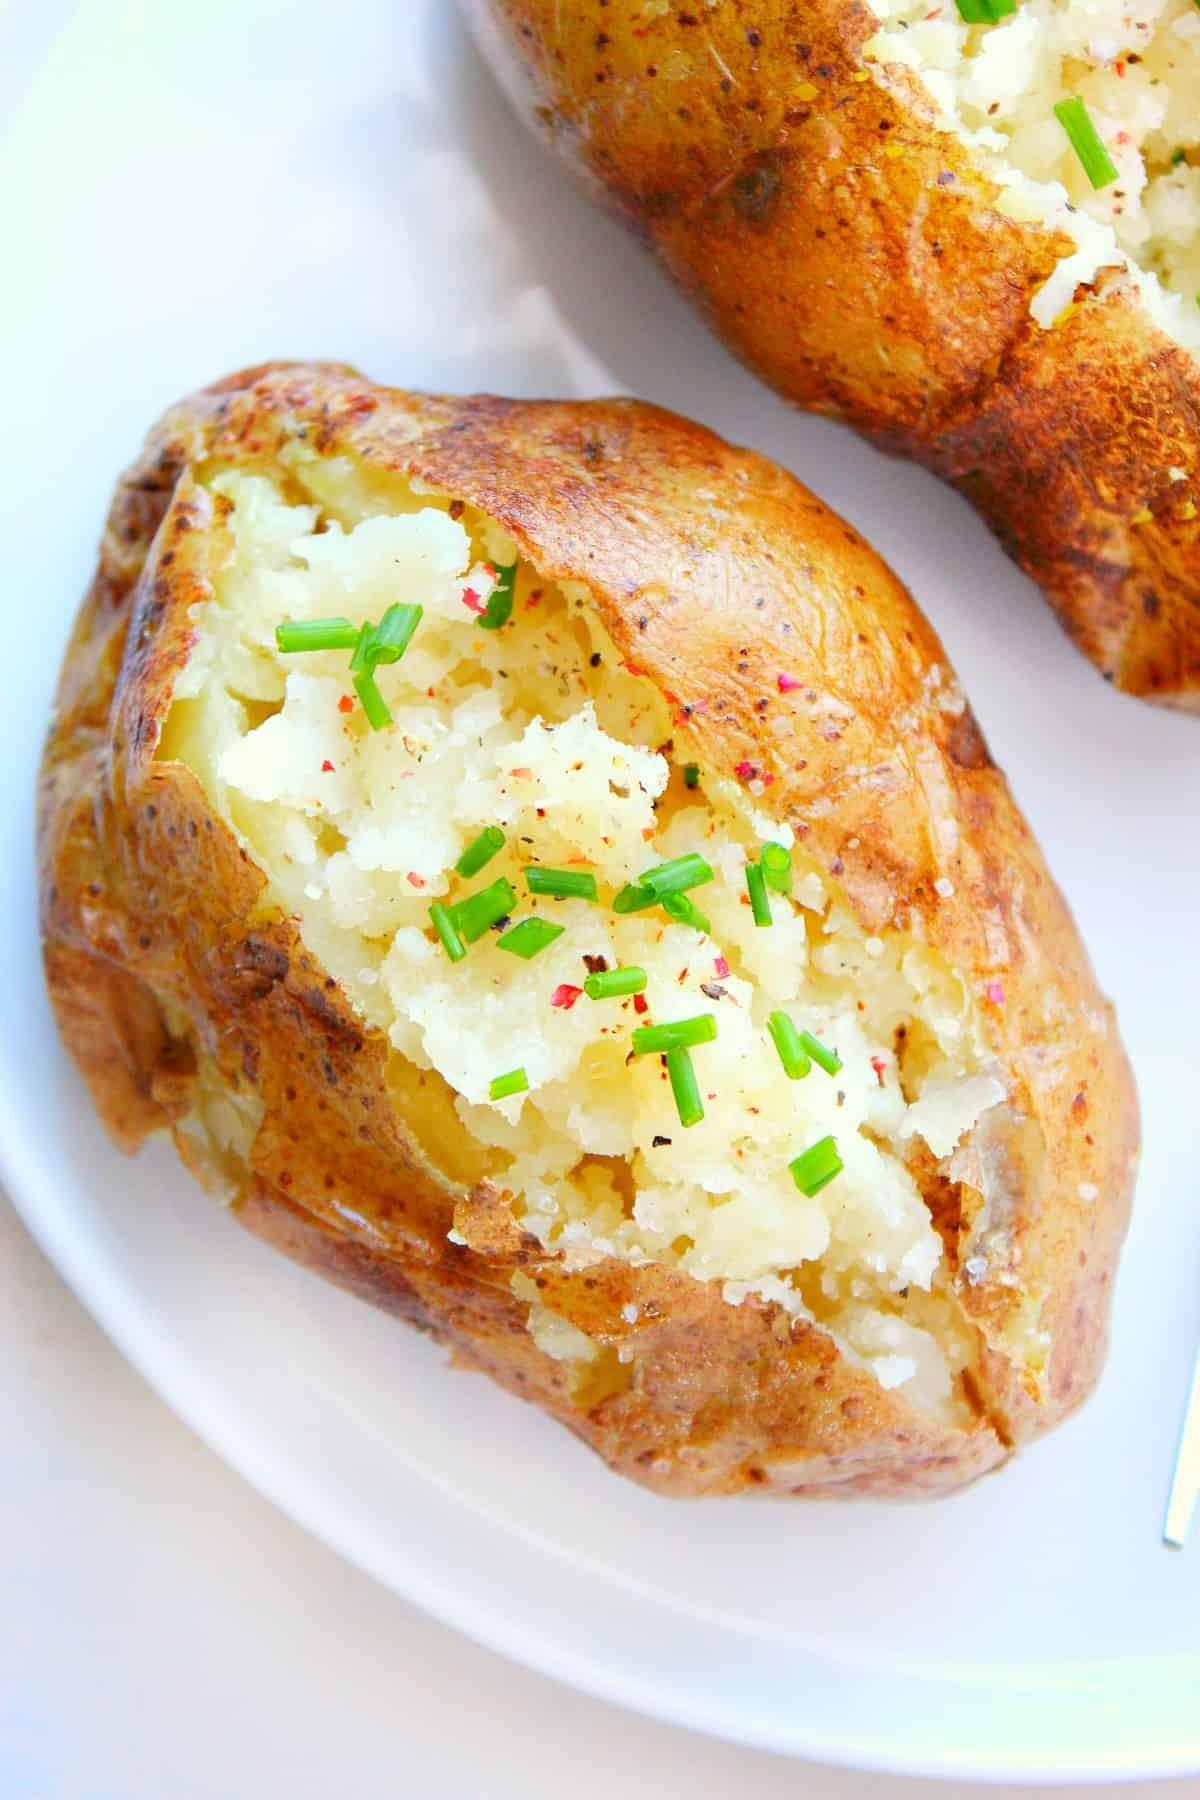 وصفات بالميكرويف - طريقة عمل البطاطس بالجبن في الميكروويف